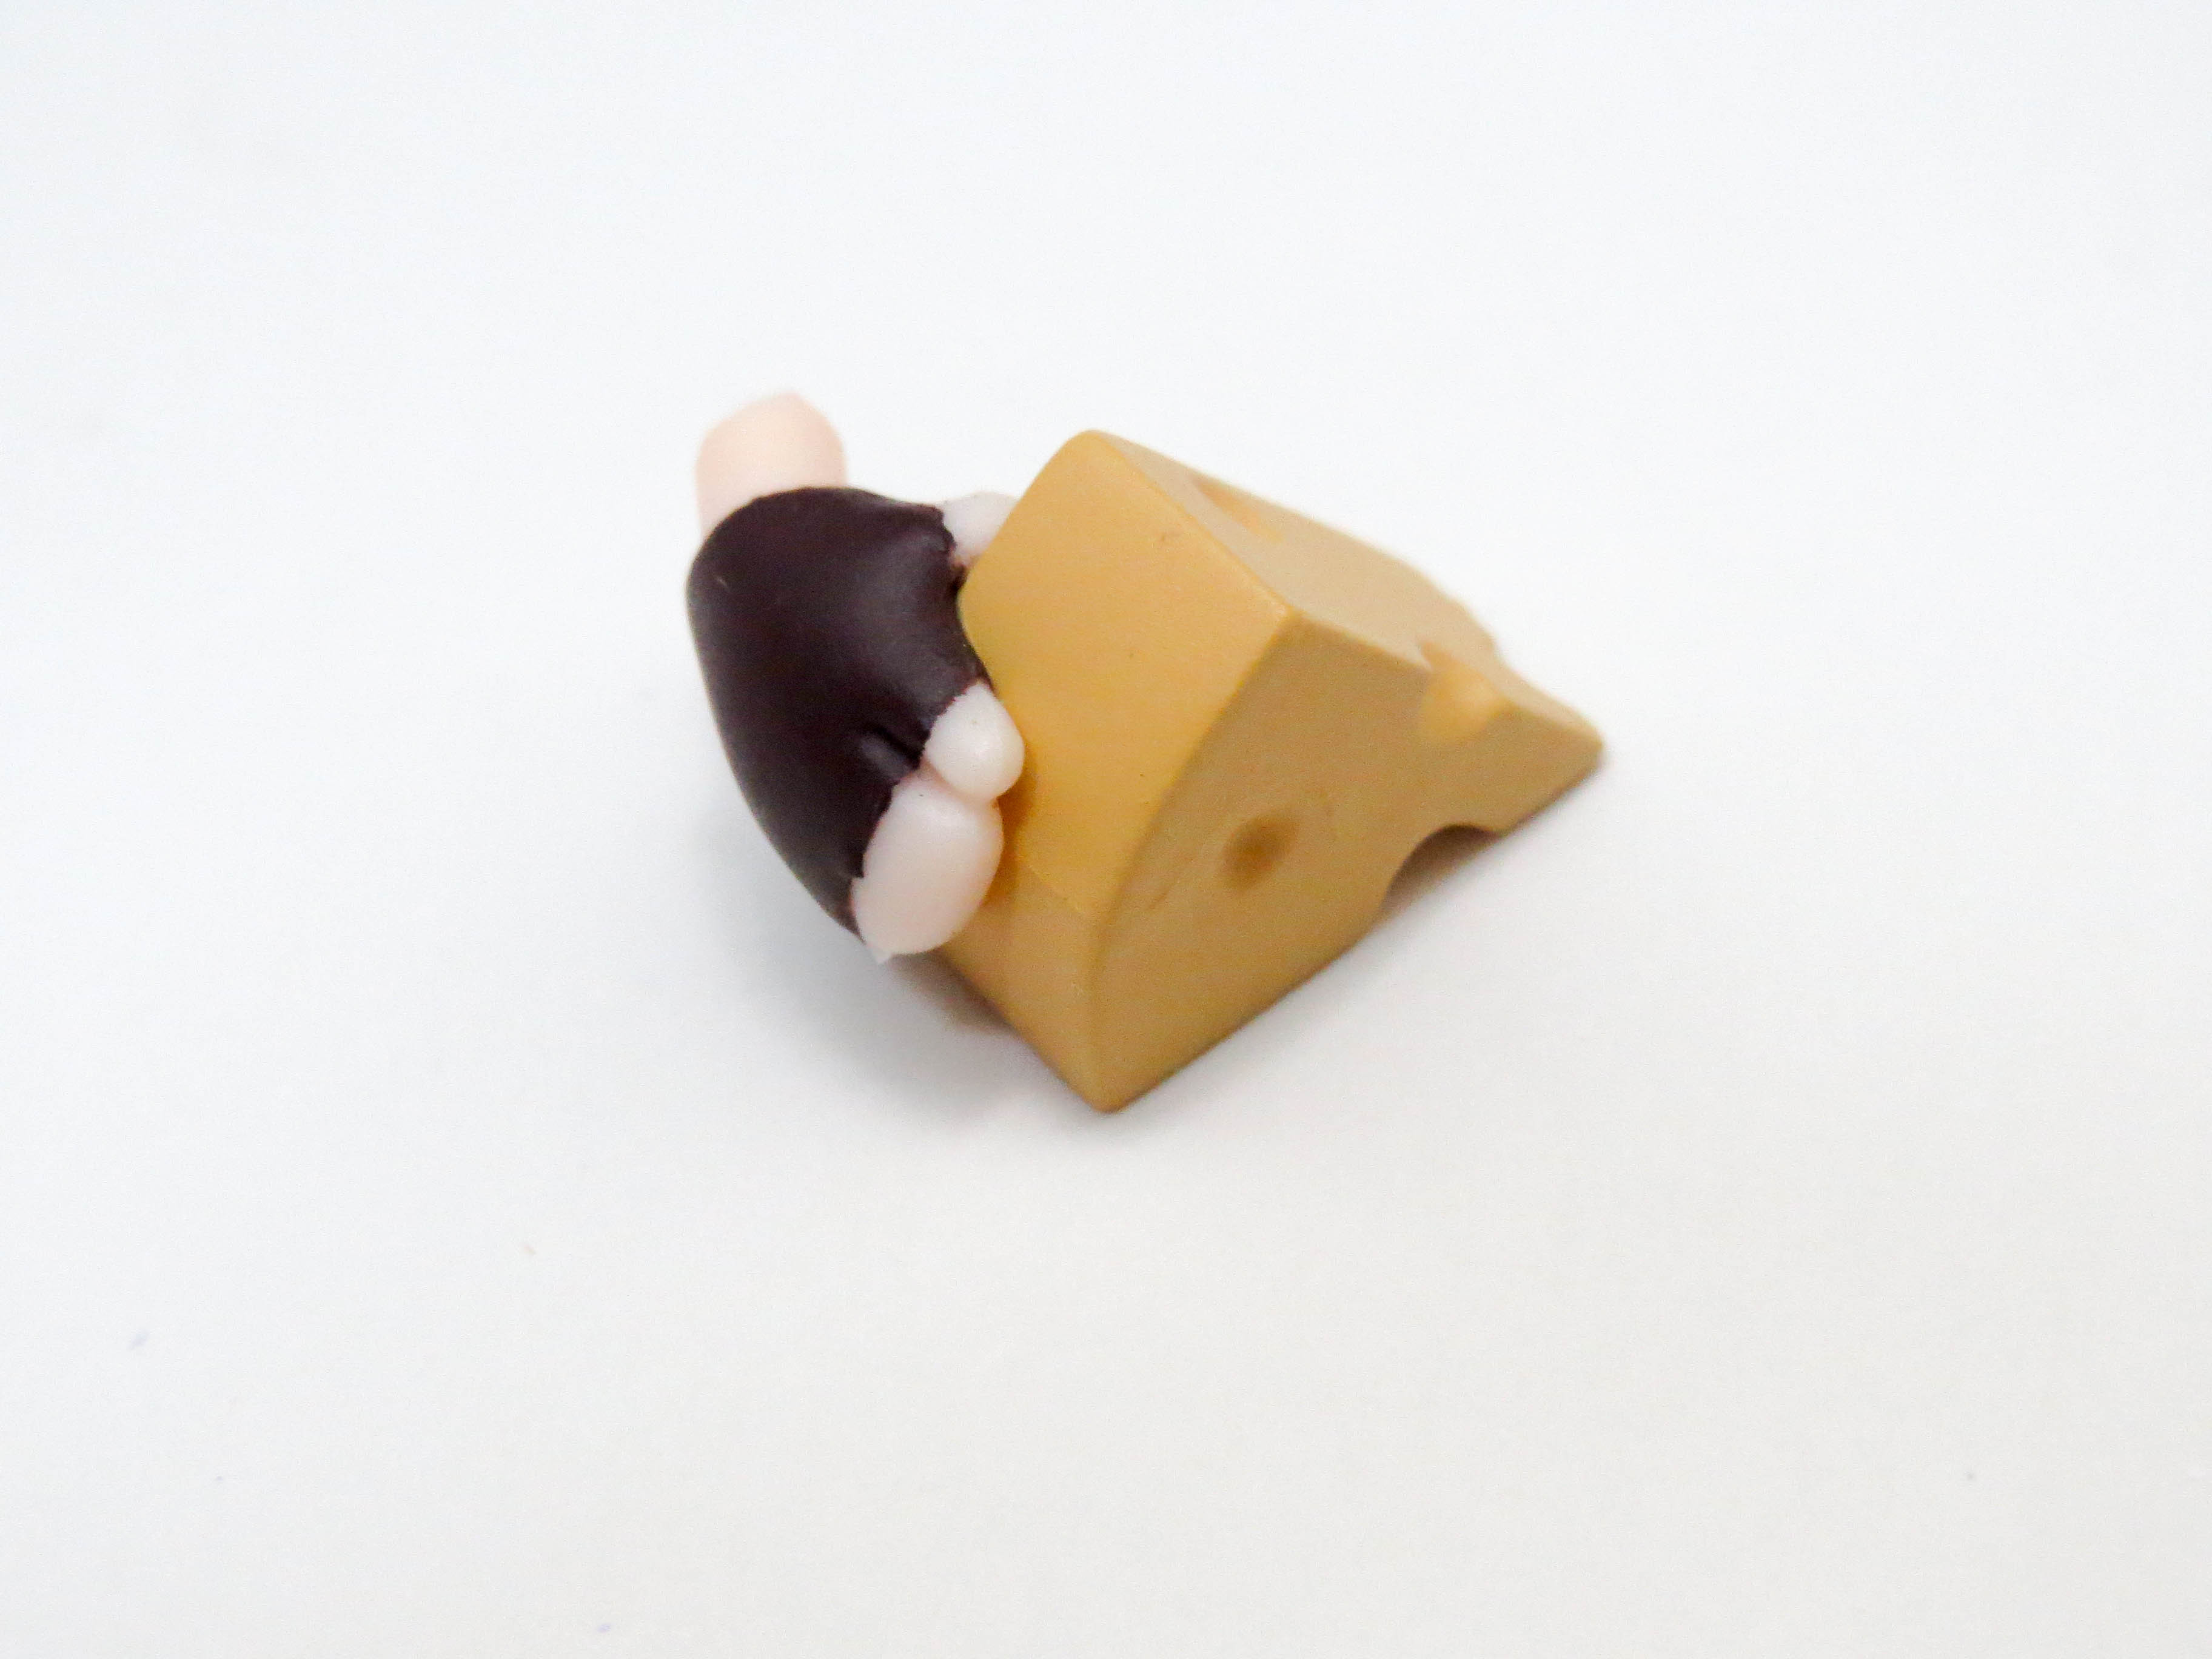 再入荷【403】 百江なぎさ 小物パーツ チーズ ねんどろいど